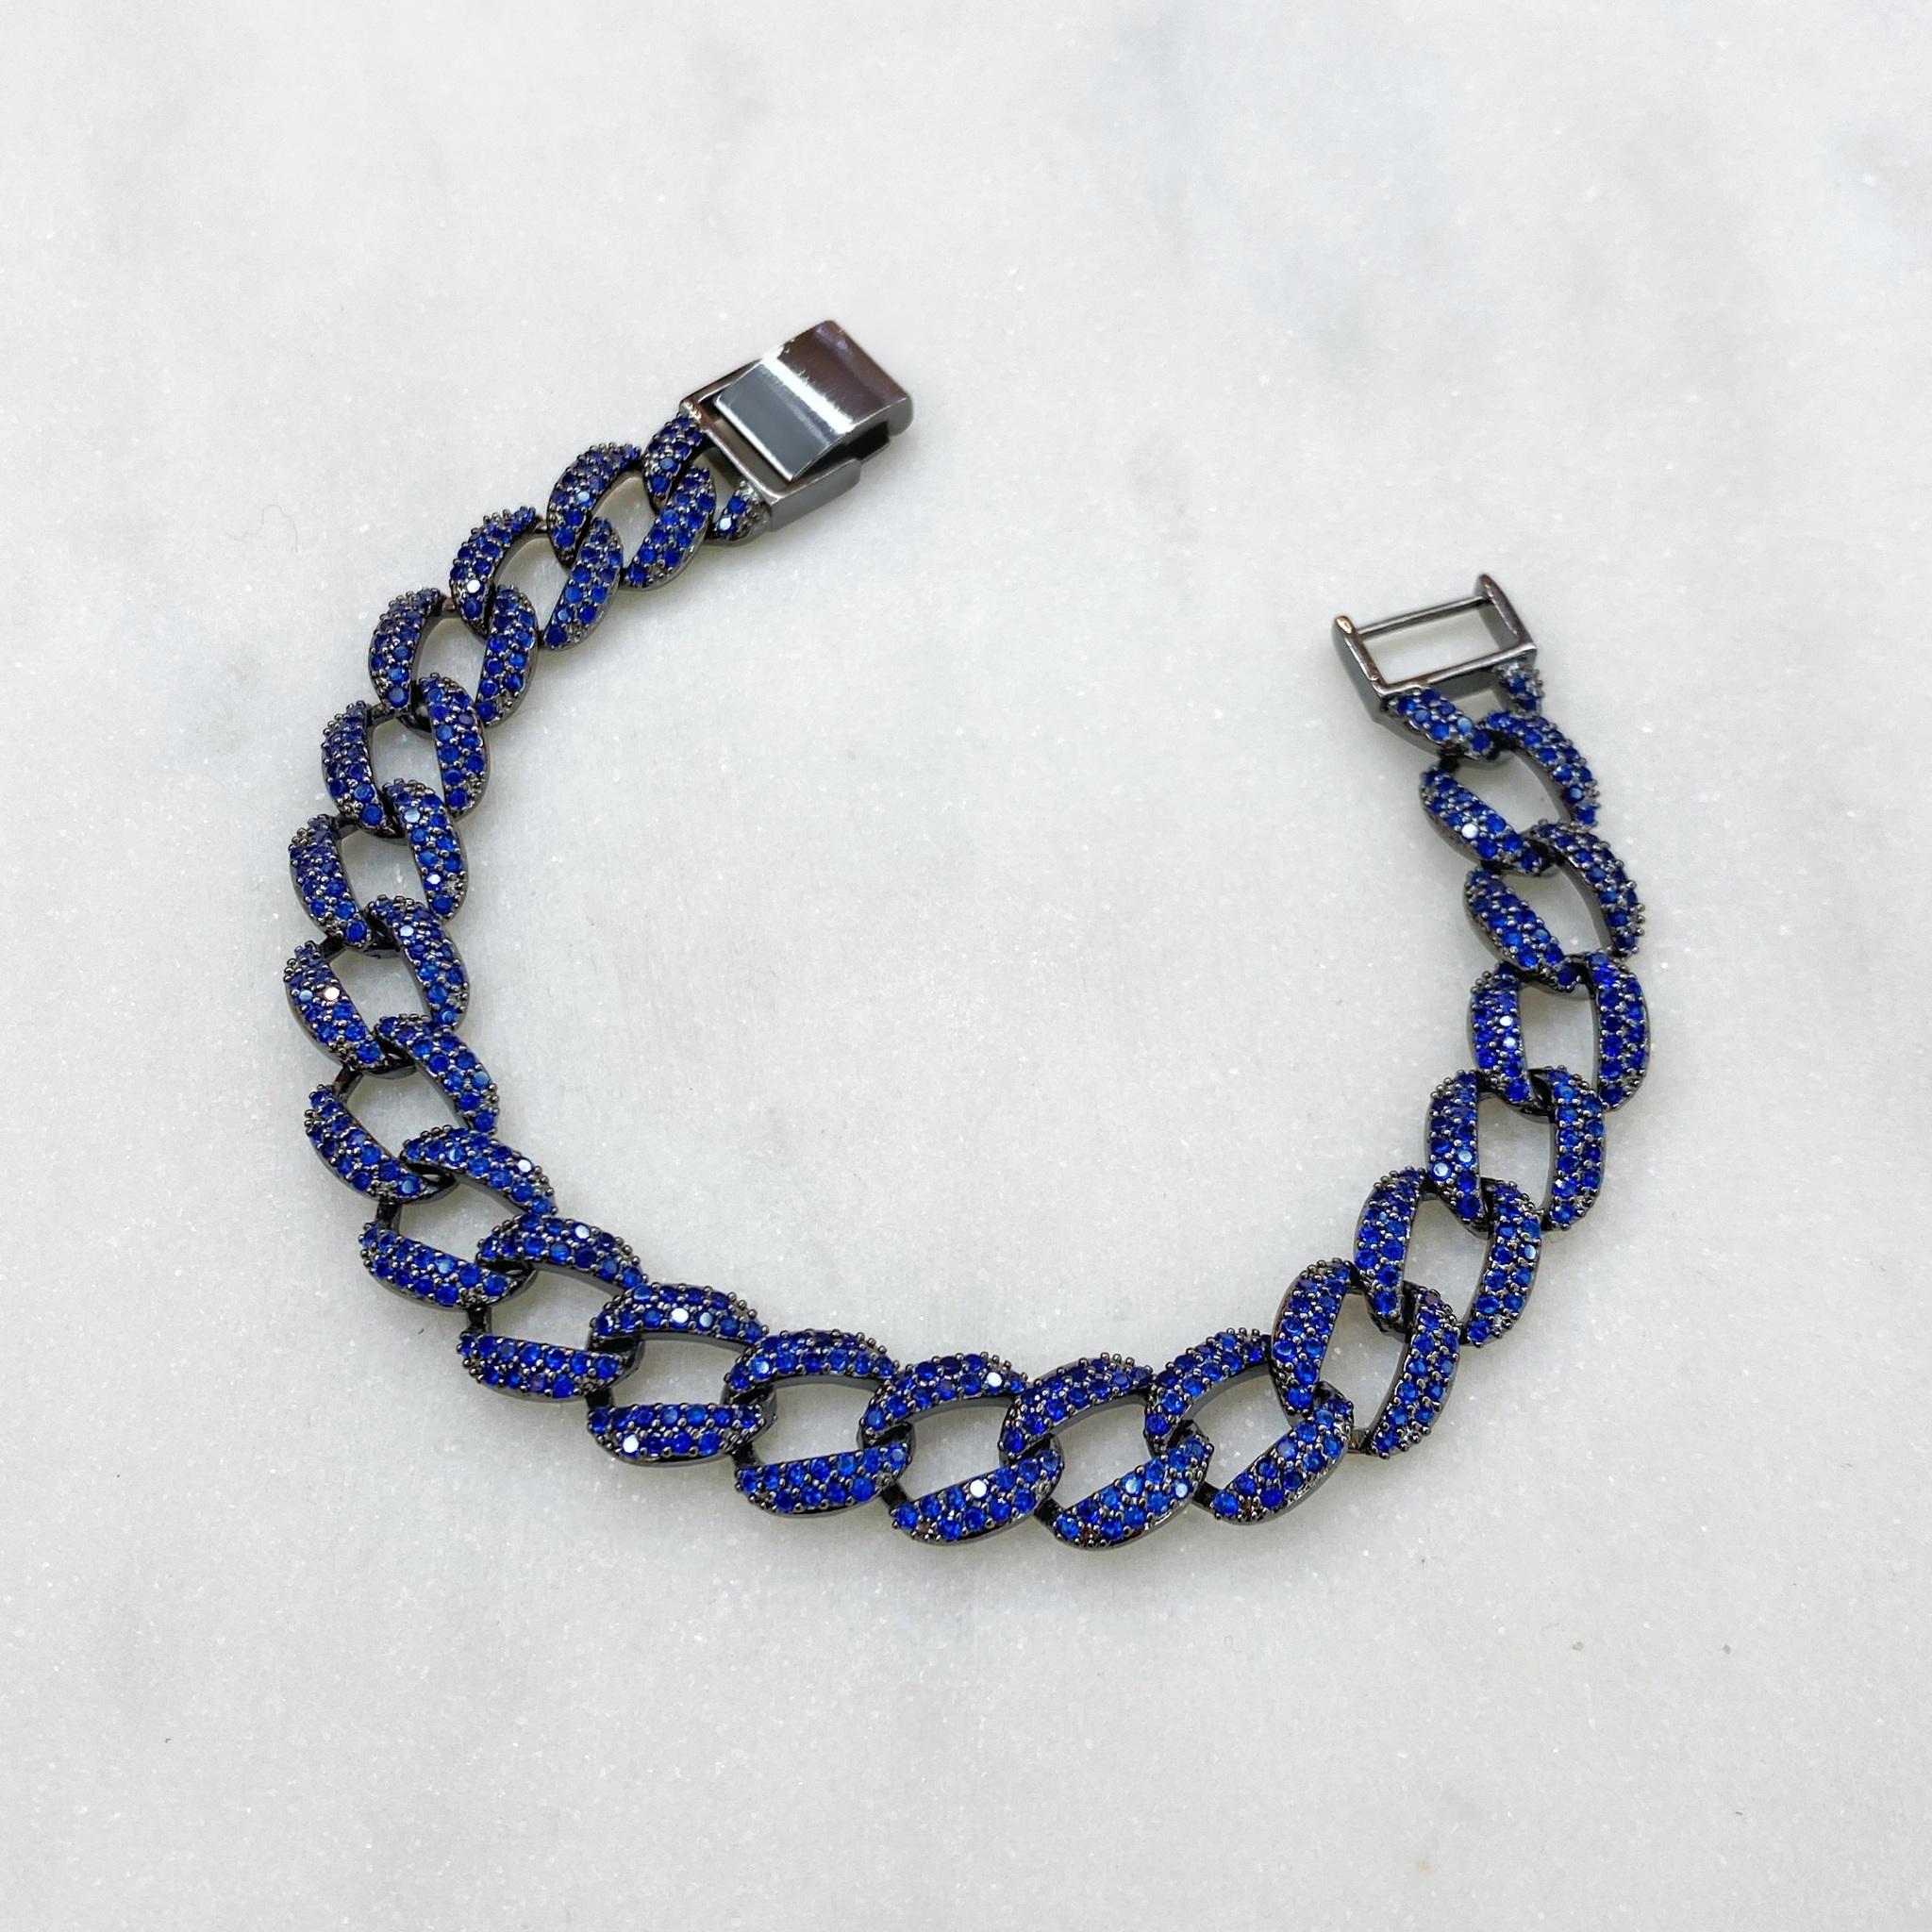 Браслет-цепь с цирконами (синий/черный)